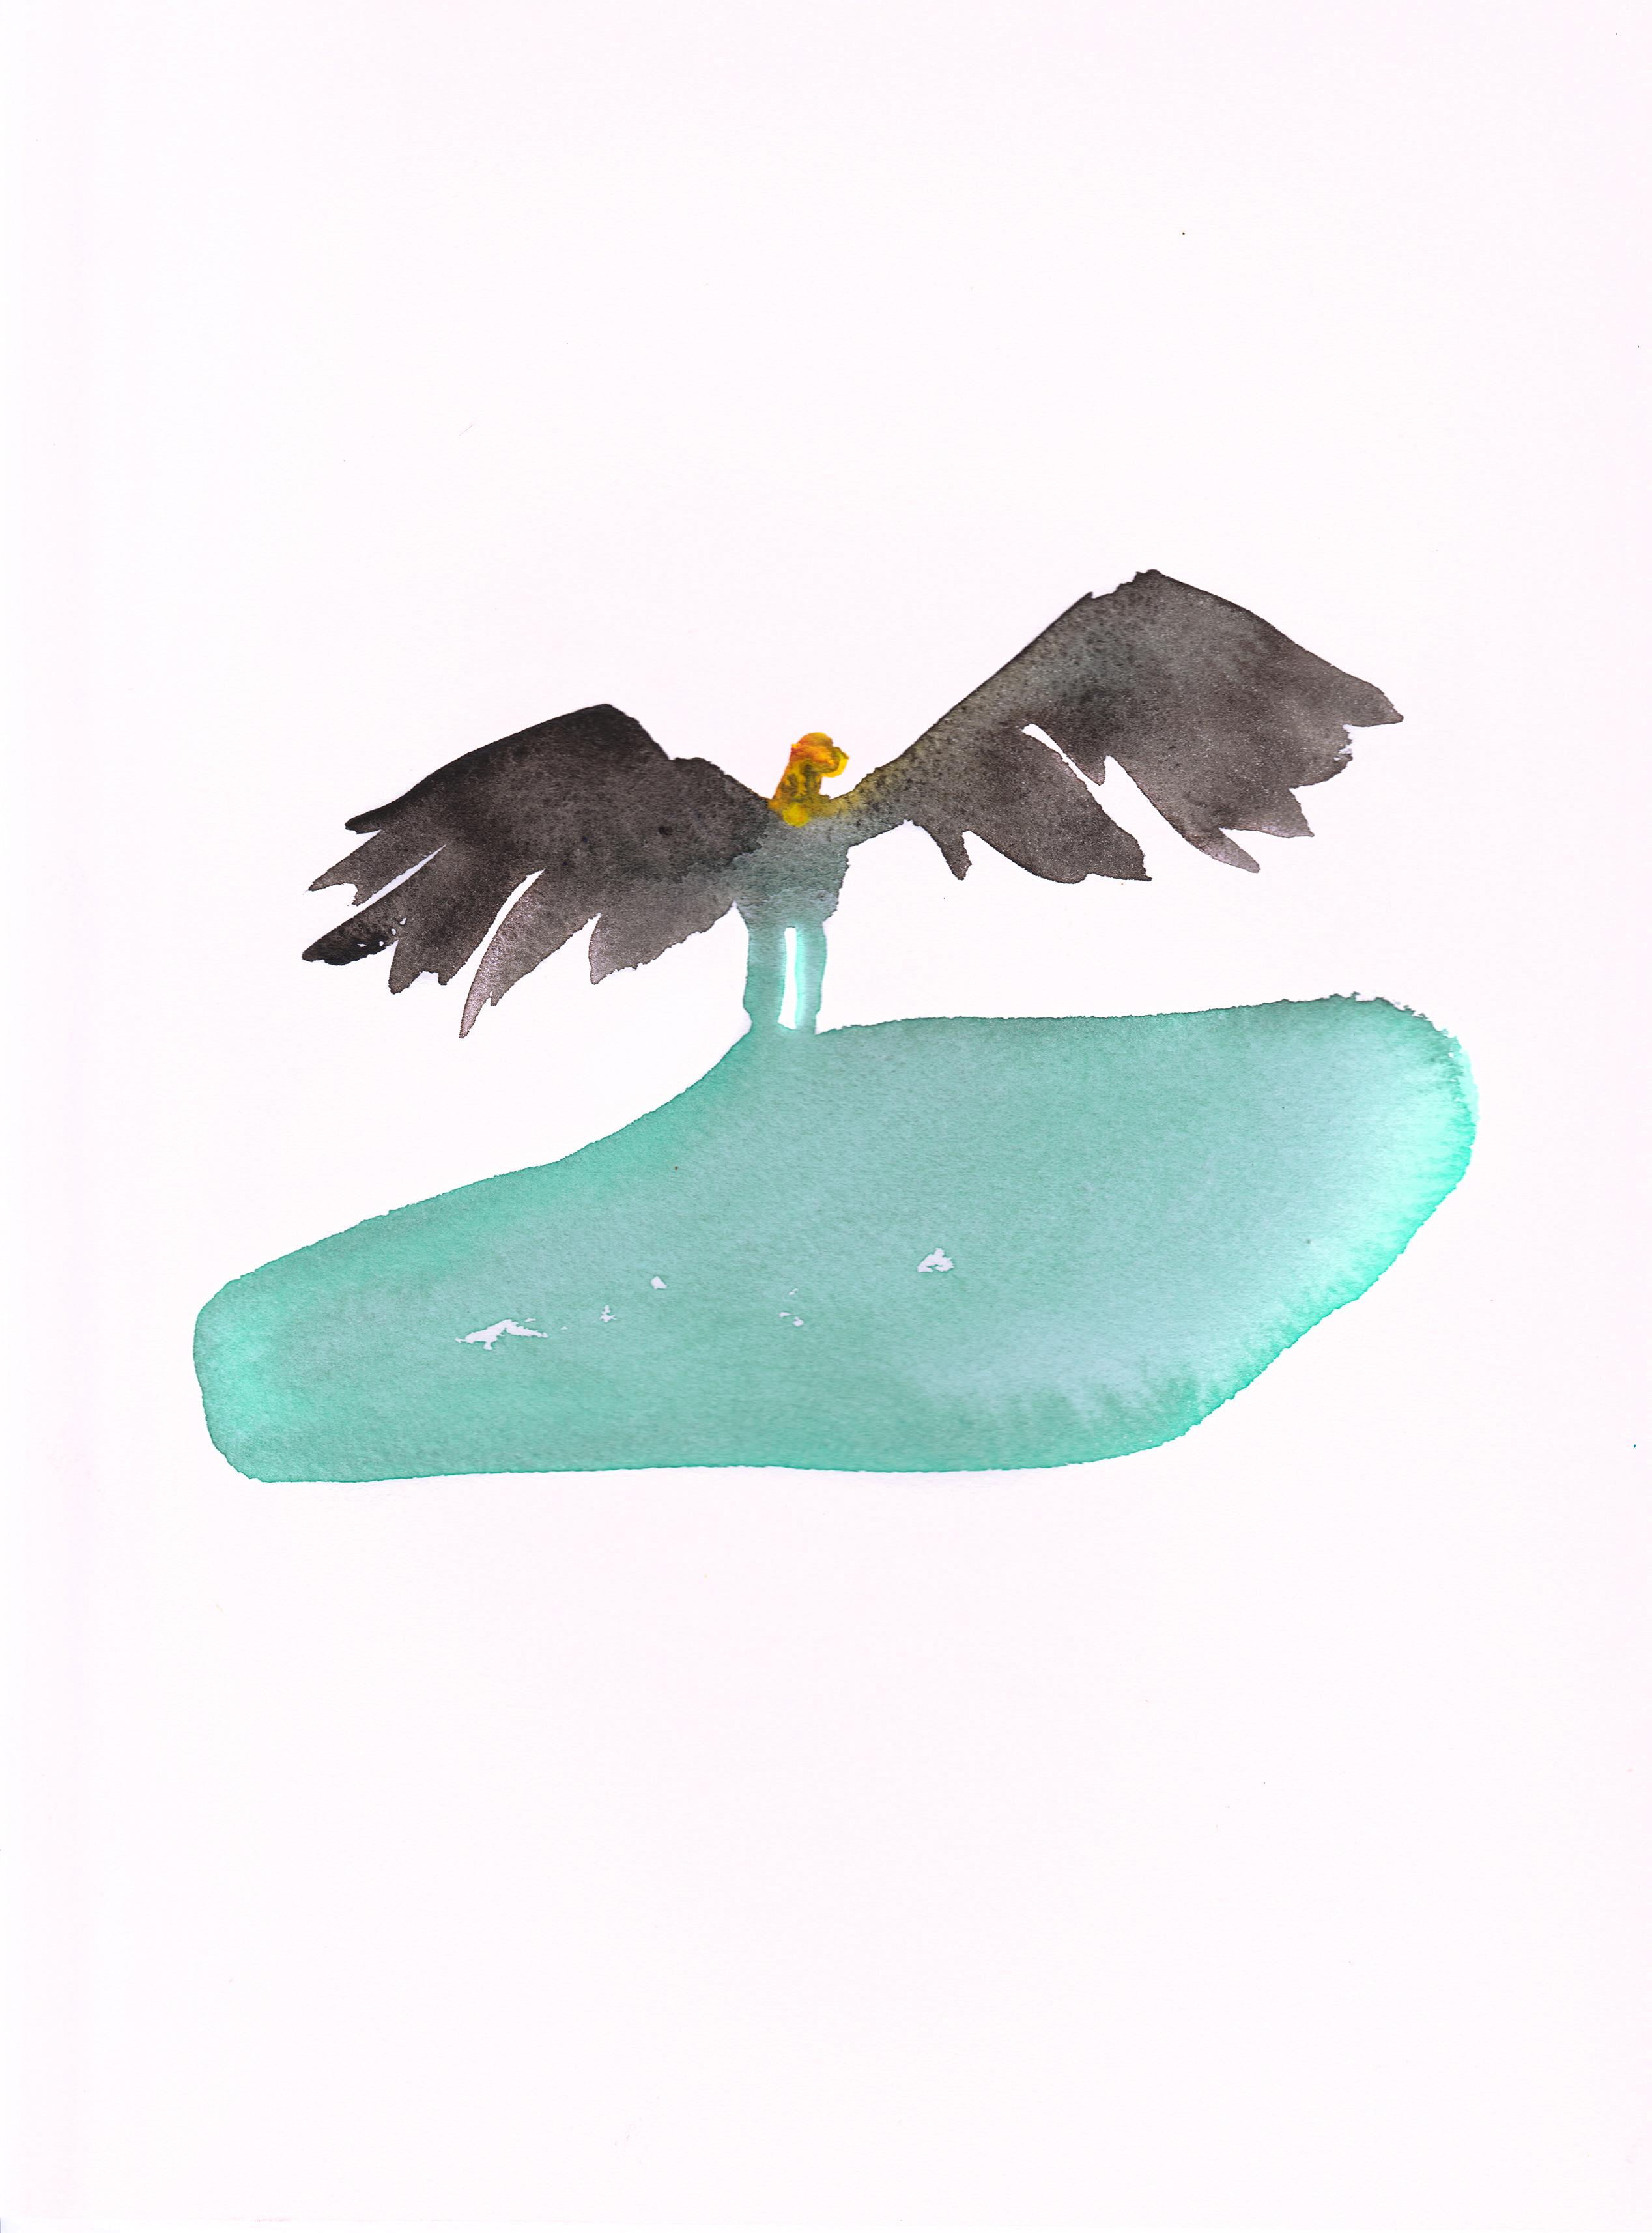 Vera Portatadino, Vulture's Flight, 2015, watercolour on paper, 30 x 24 cm